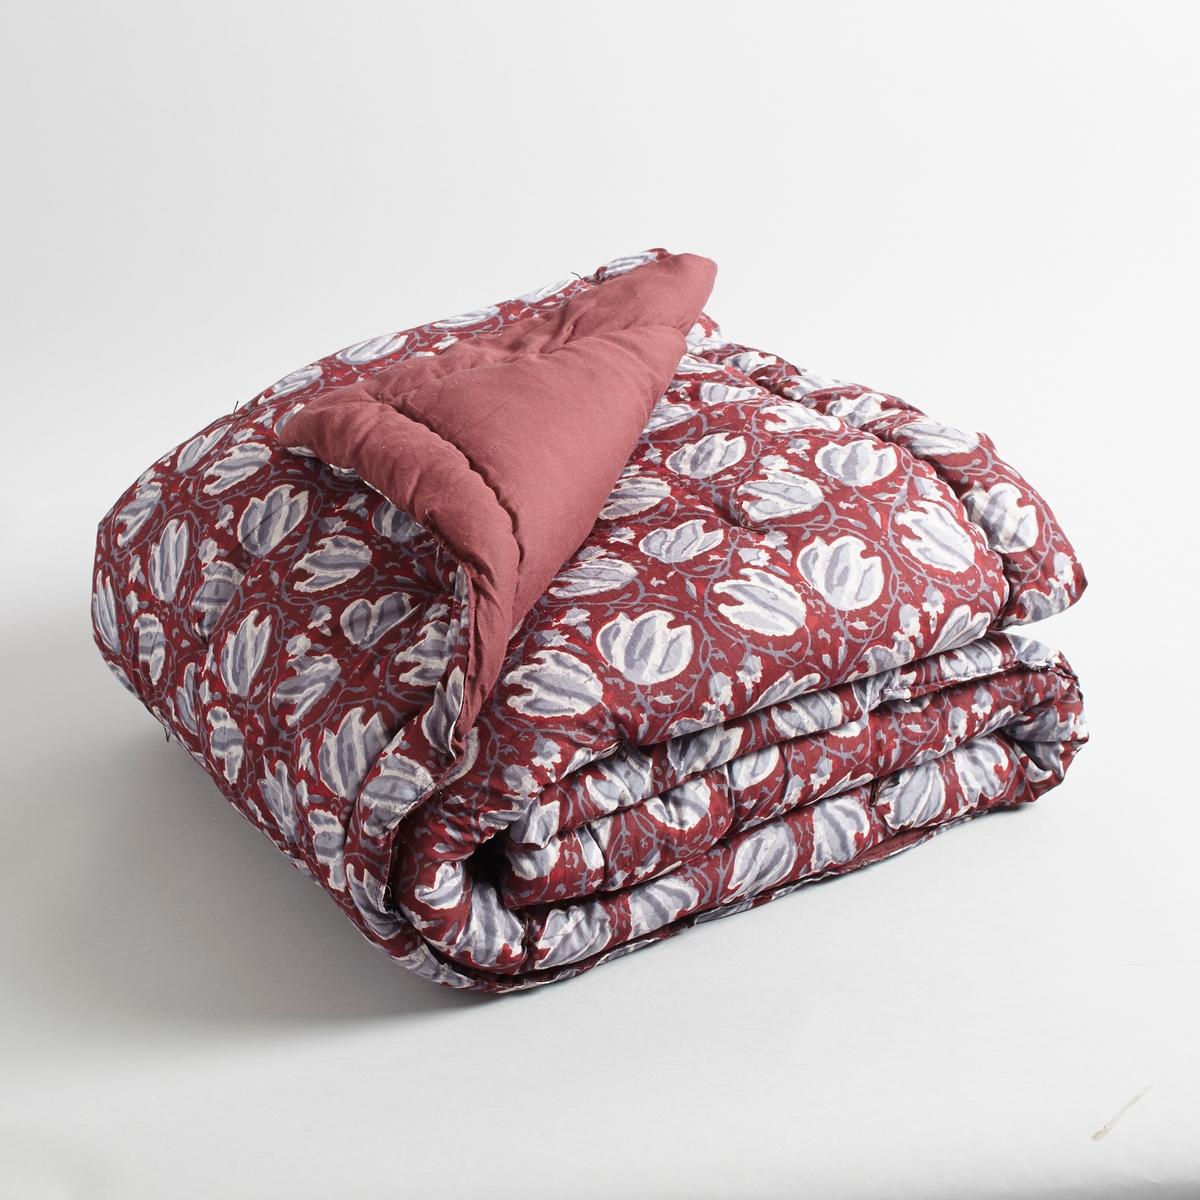 Одеяло Susheela